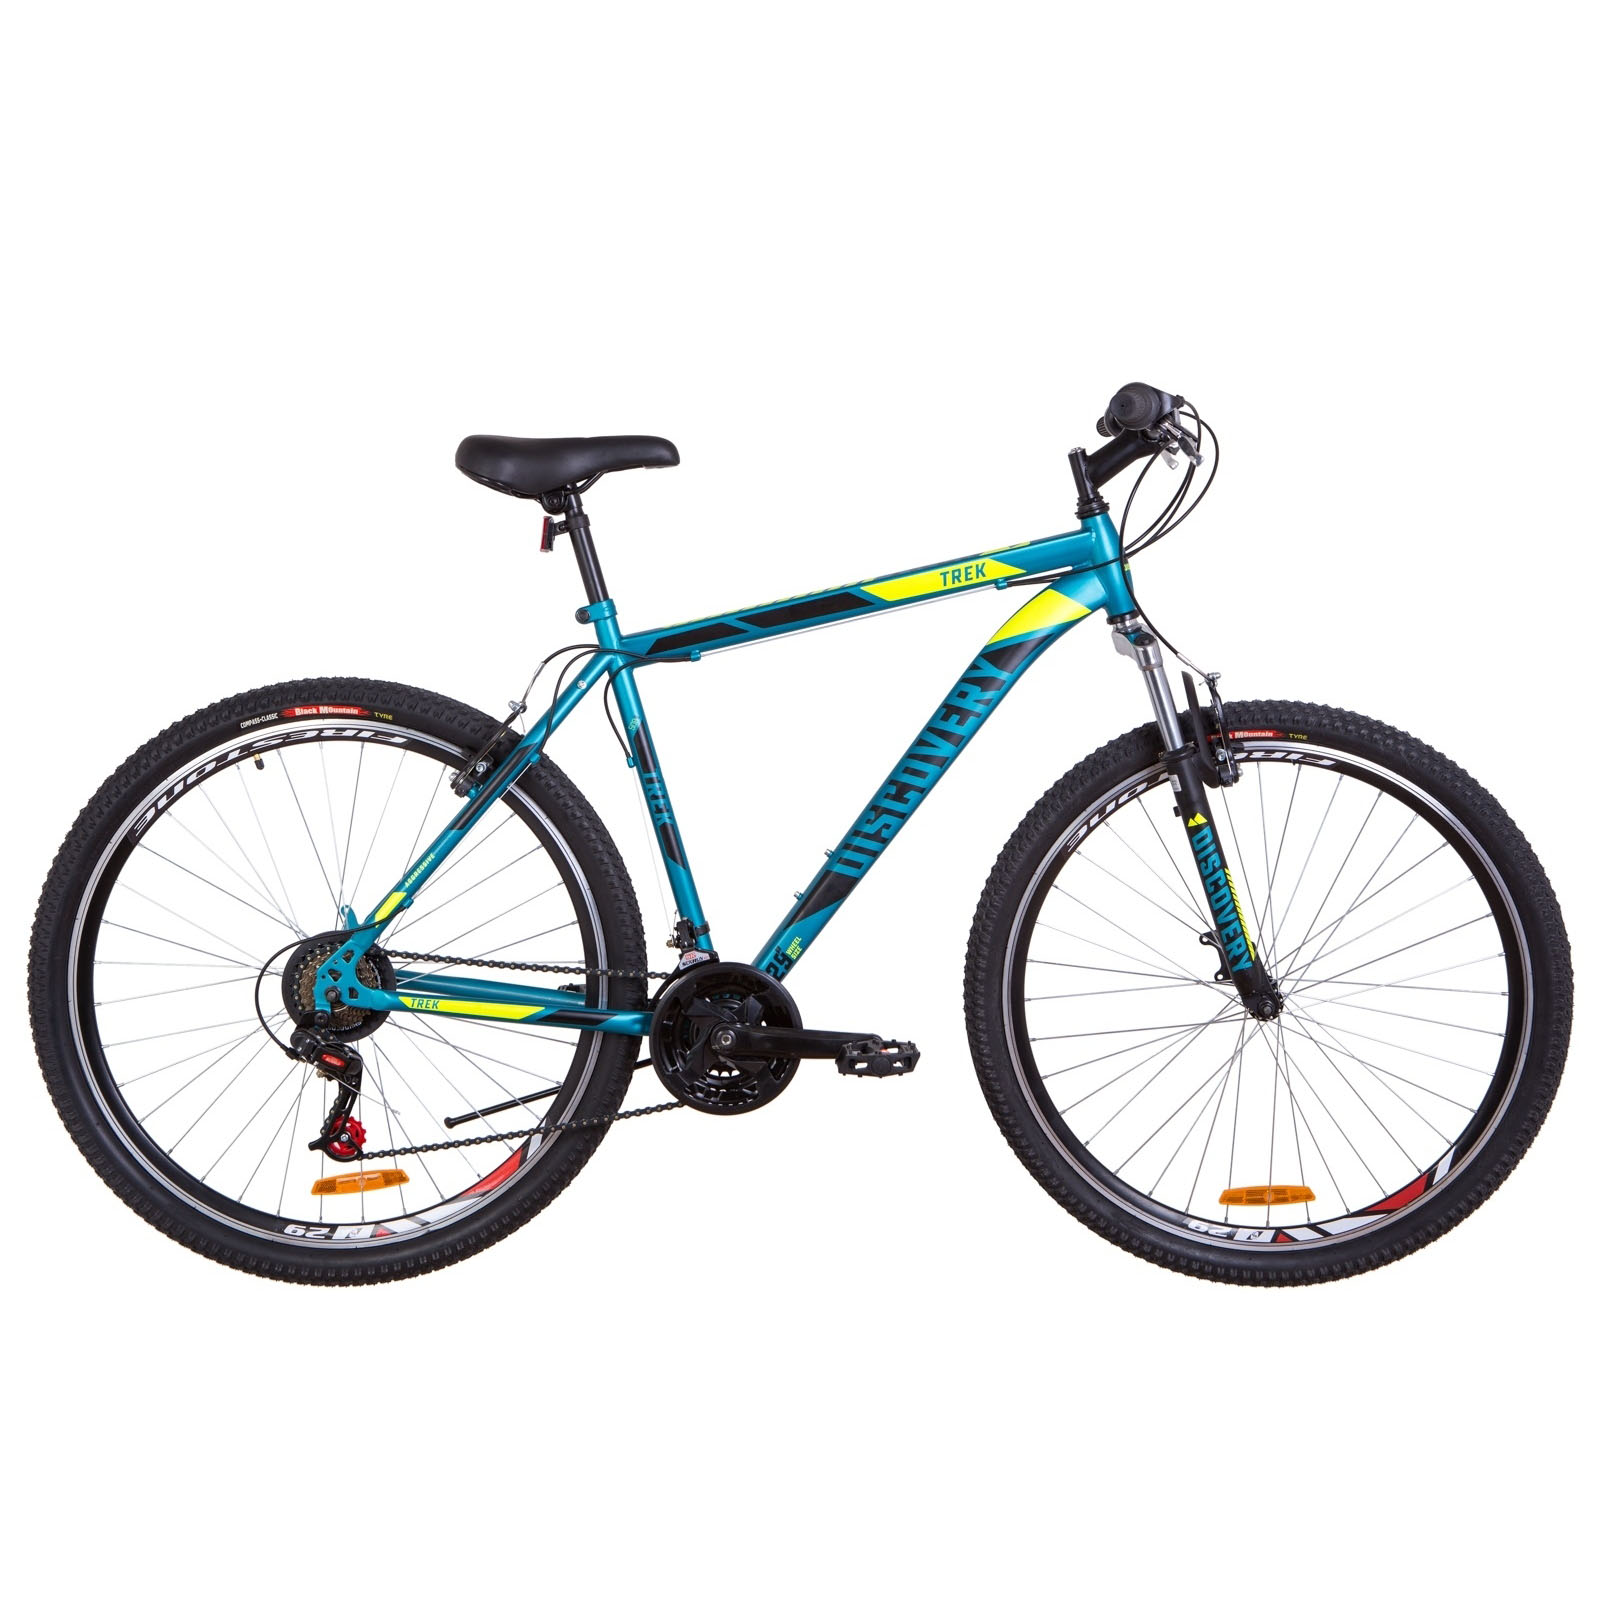 Фото Горный Велосипед 29  Discovery TREK малахитовый с желтым (м) 2019